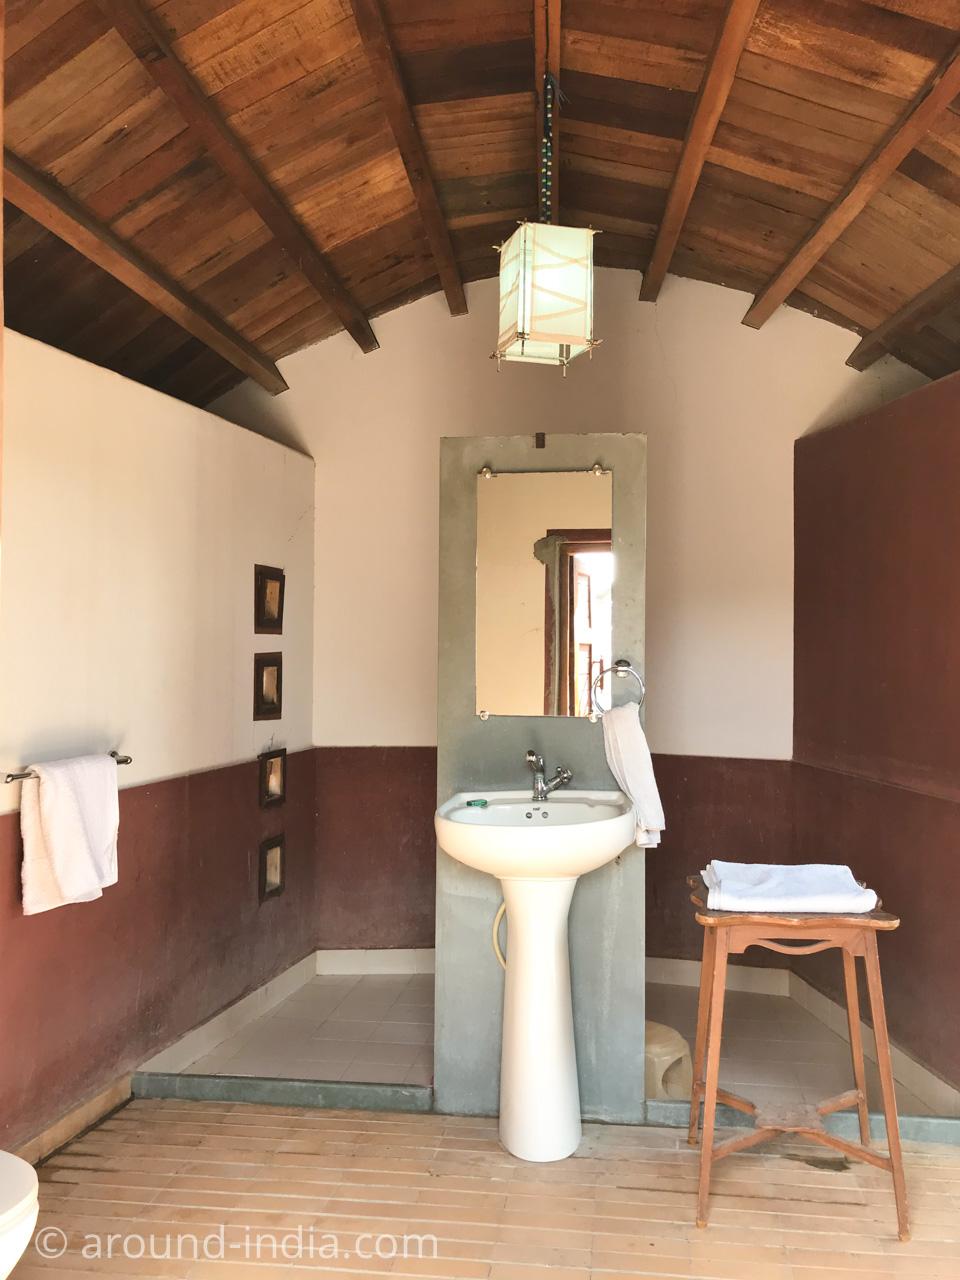 SHAAM-E-SARHADブンガの別小屋にあるバスルーム